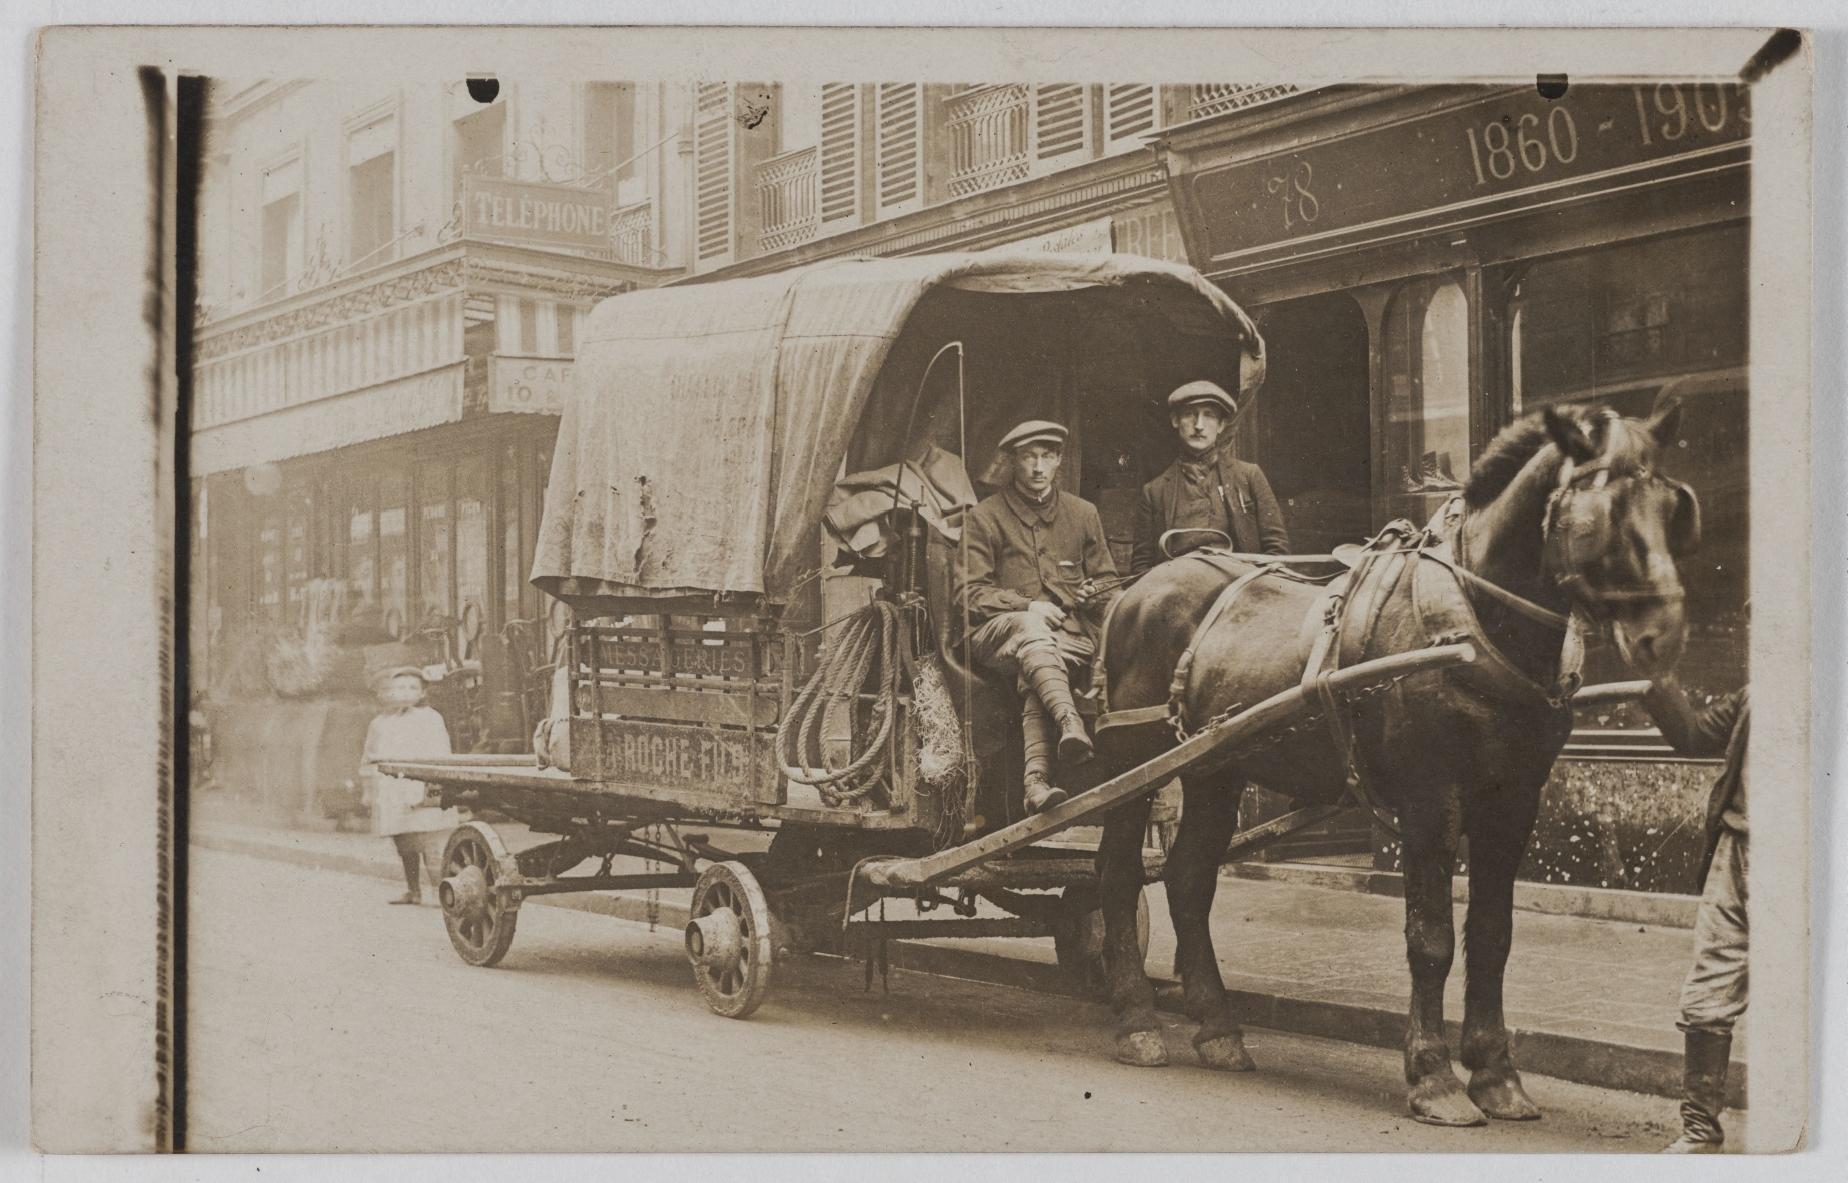 1907-1910. Посыльные. Дом A. Роше и сын. 78, rue de Cléry (2-й округ). Сейчас на этом месте оптовая продажа тканей